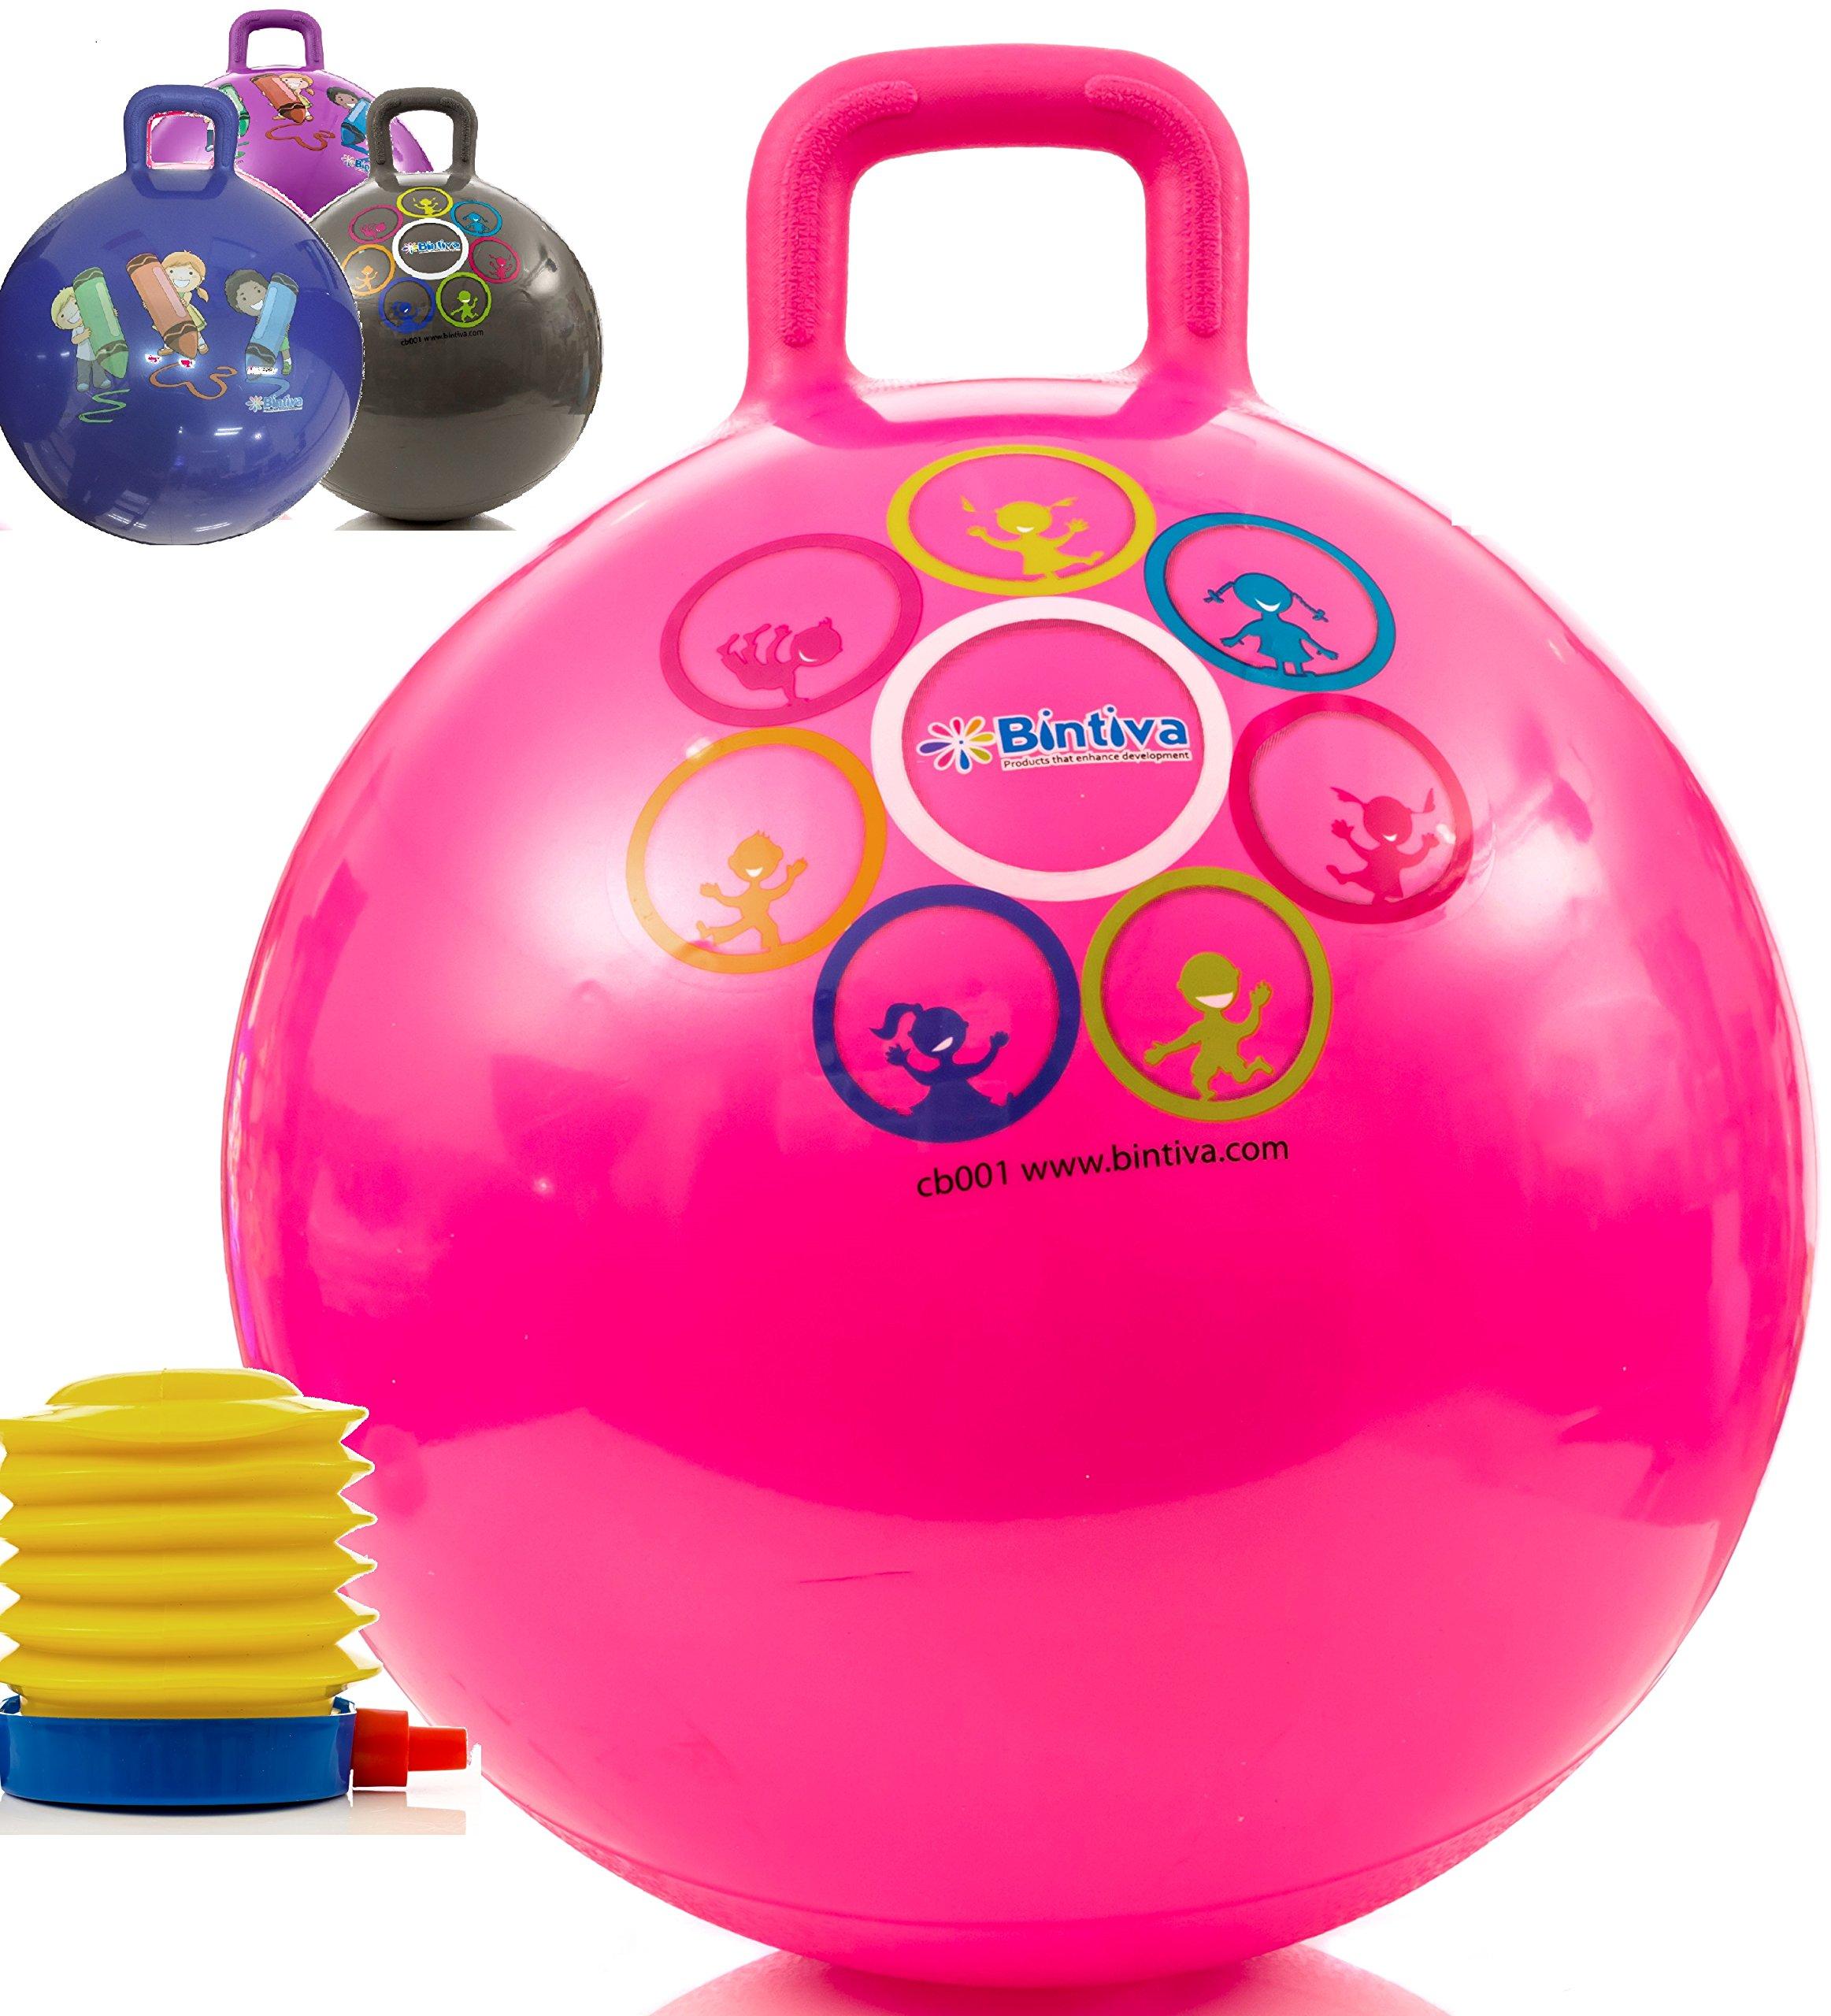 Bintiva 45cm Hopper Ball with Foot Pump Pink